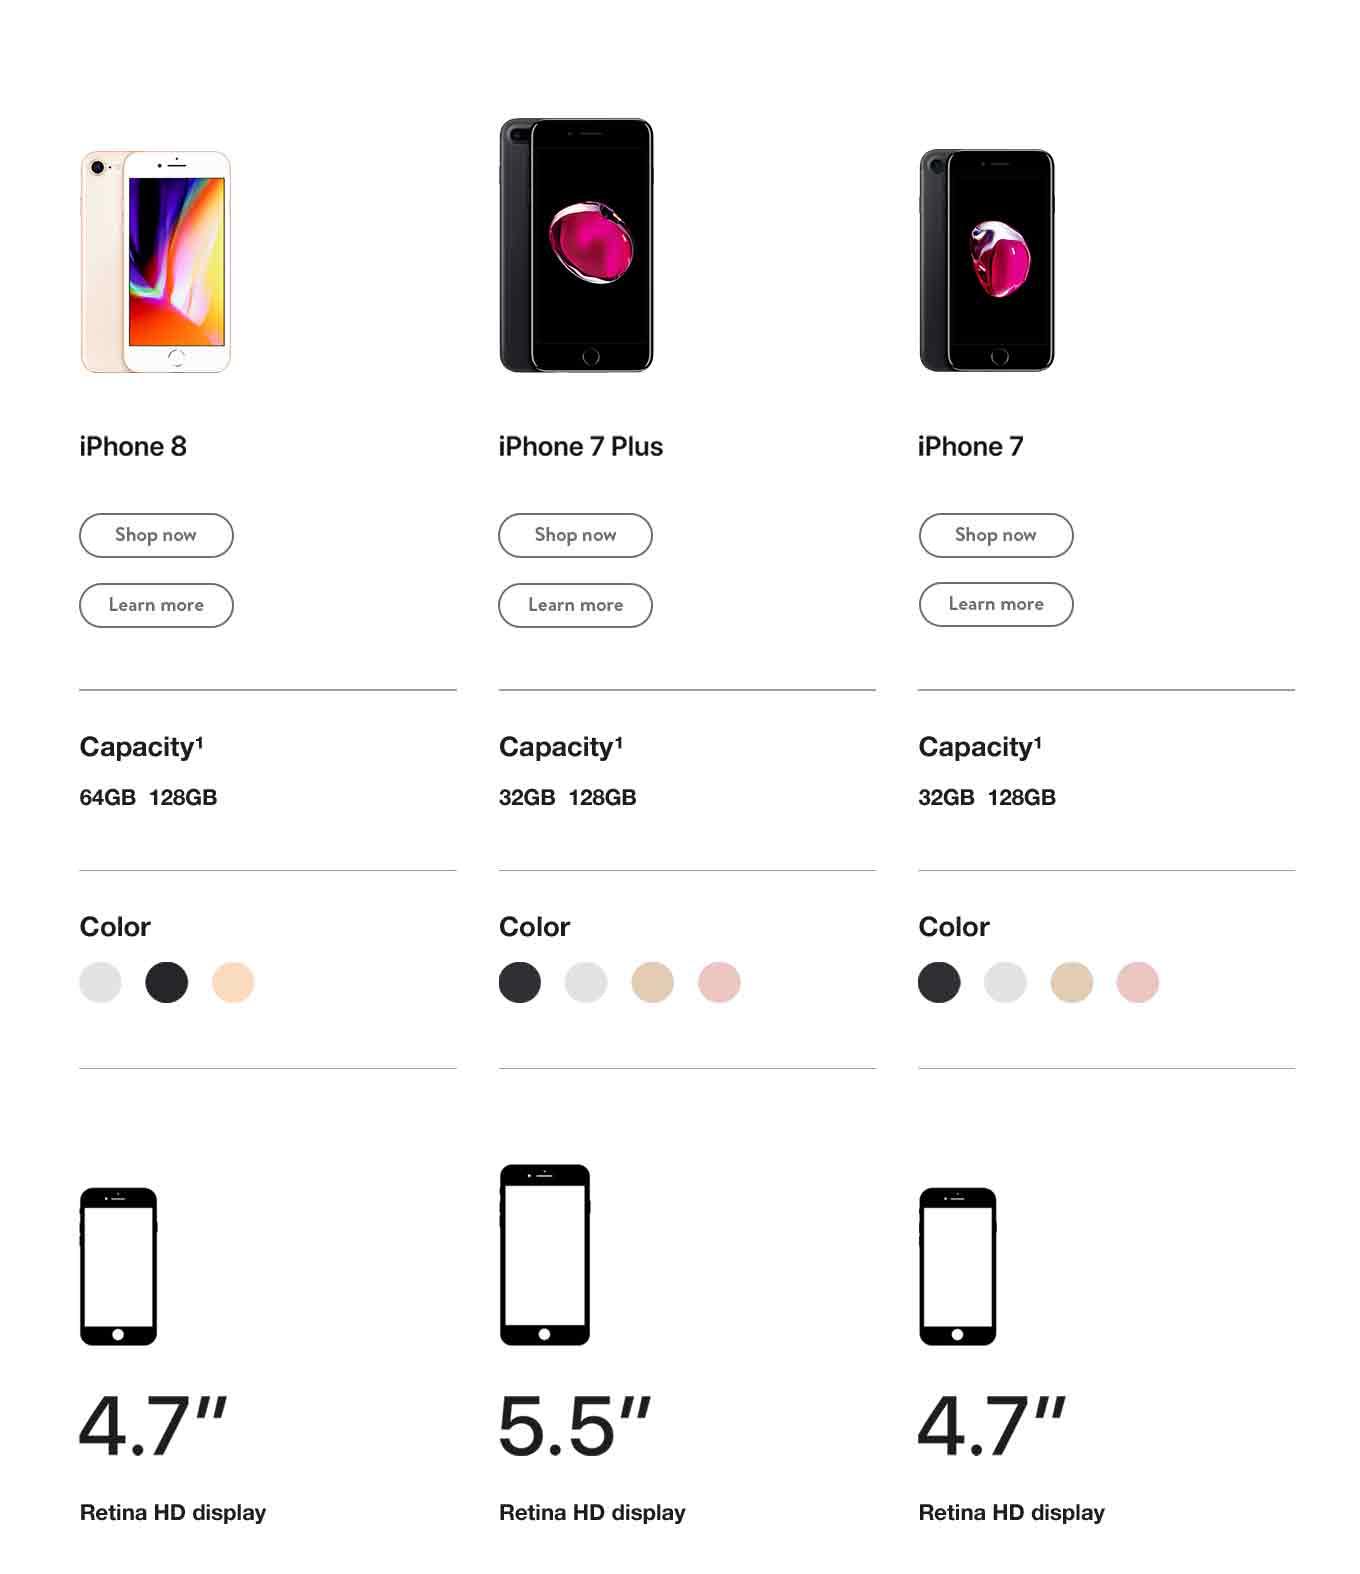 iPhone 8, iPhone 7 Plus, iPhone 7